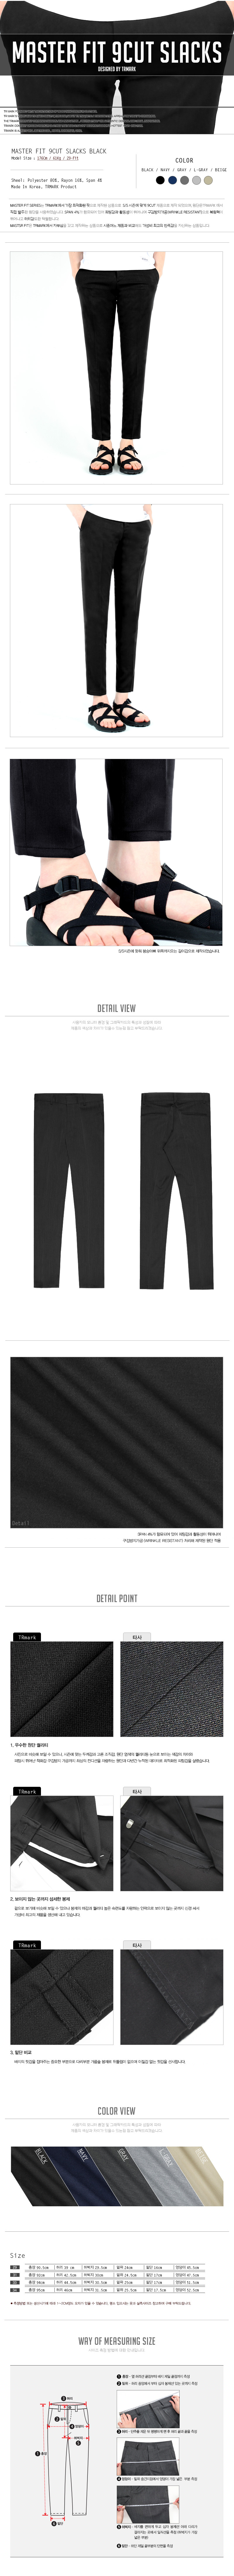 티알마크(TRMARK) 마스터 핏 9컷 슬랙스 블랙